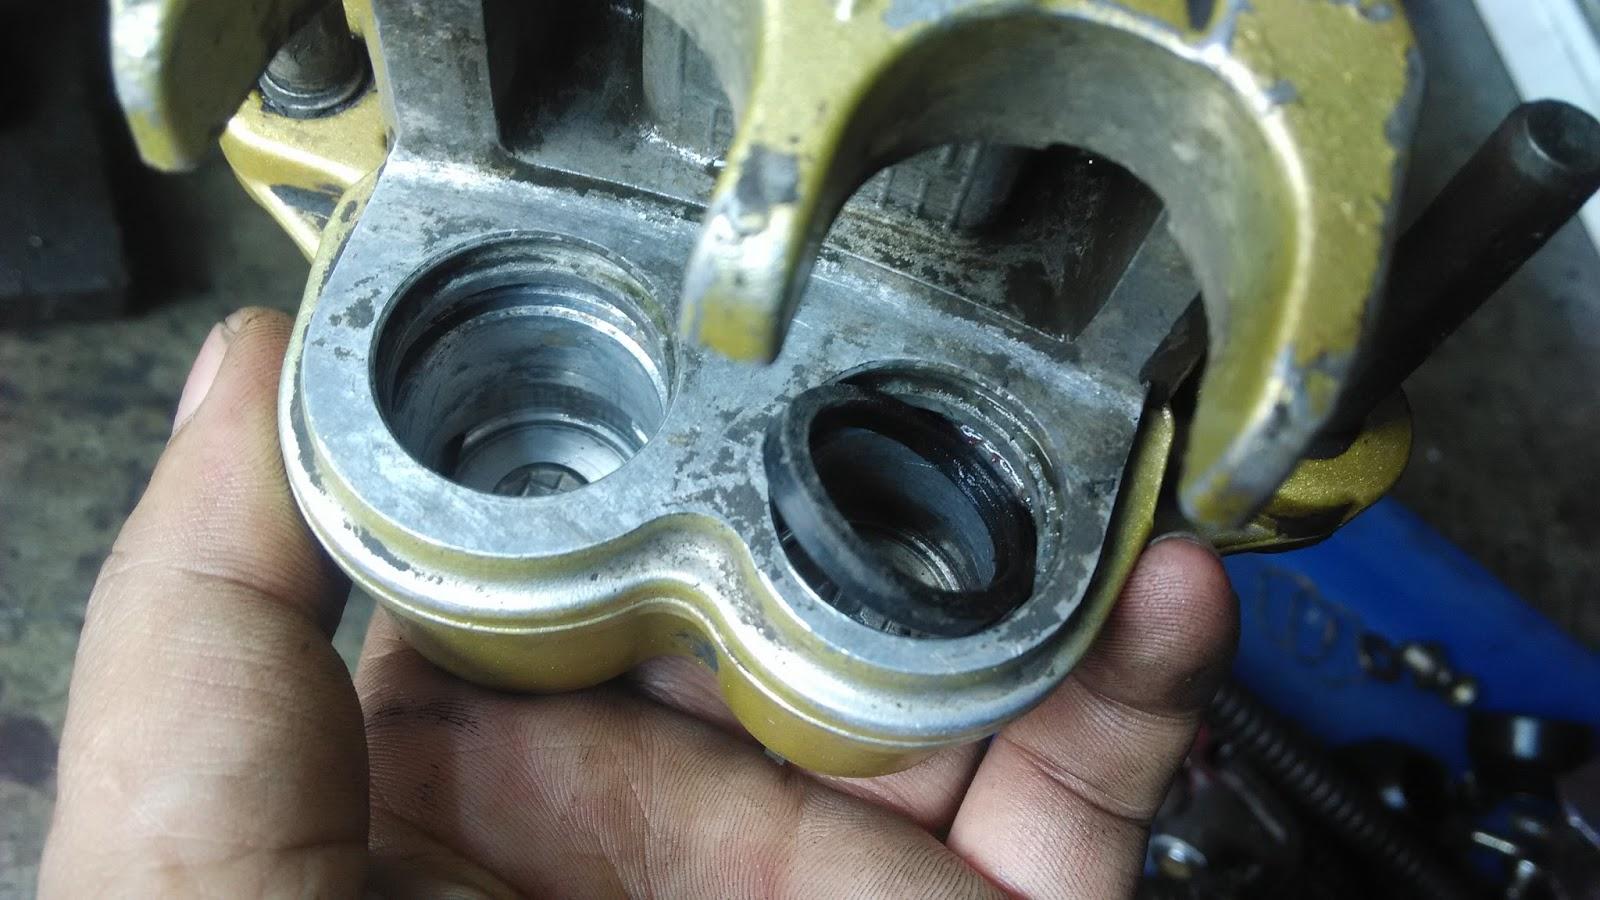 perawatan mesin motor: cara memperbaiki rem cakram seret dab rem